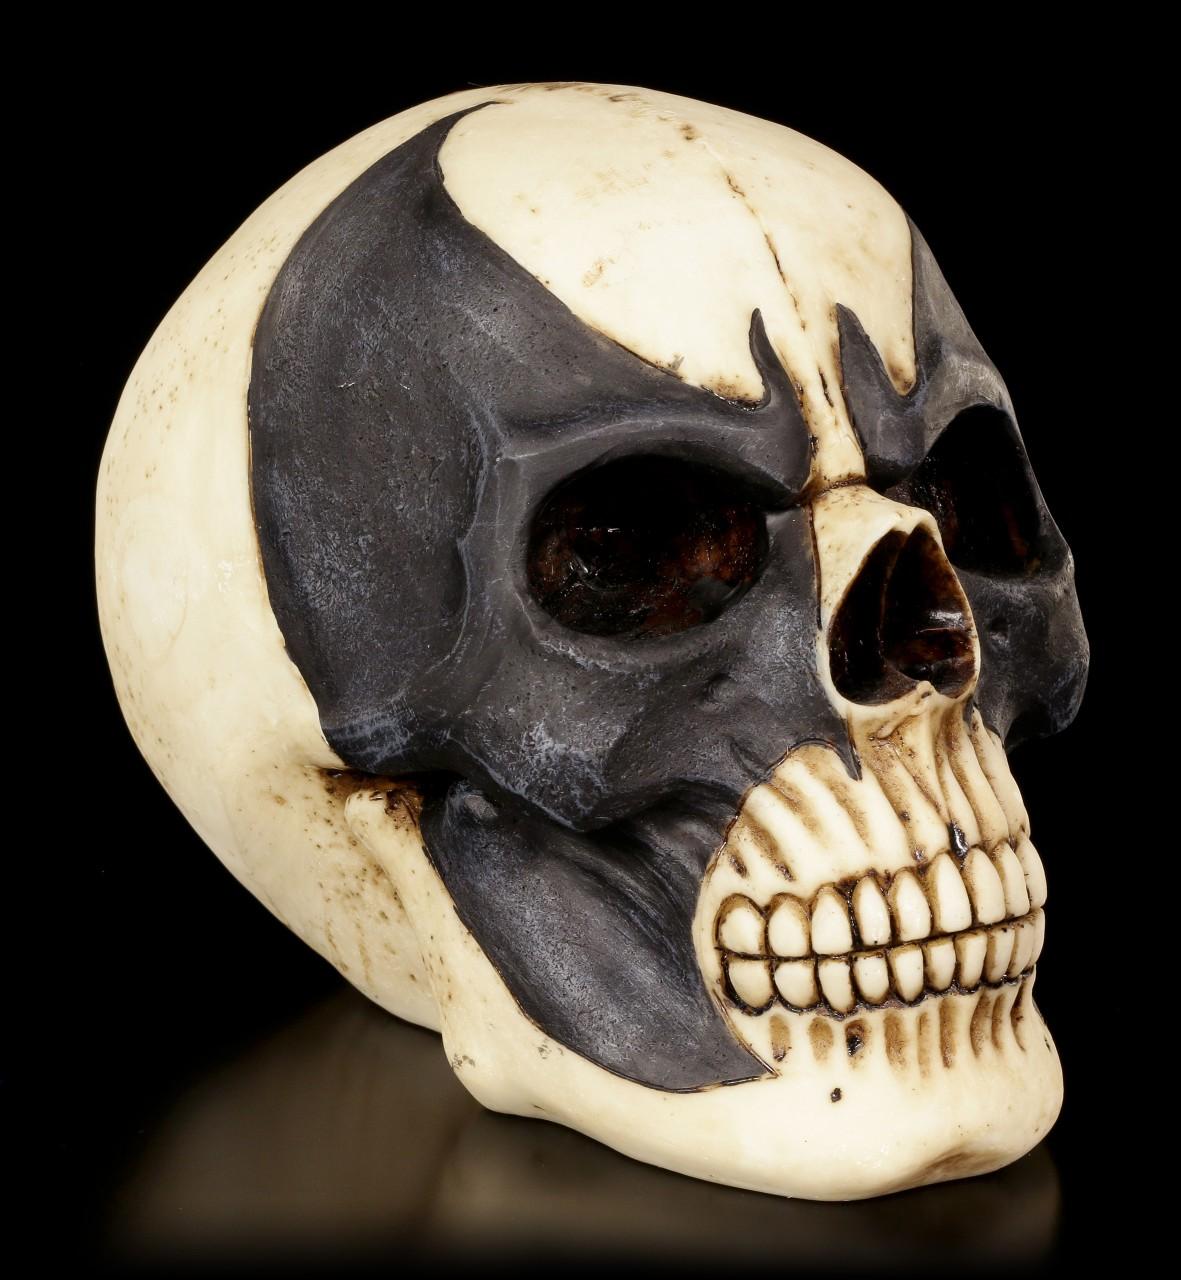 Skull with Bat Mask - Batskull